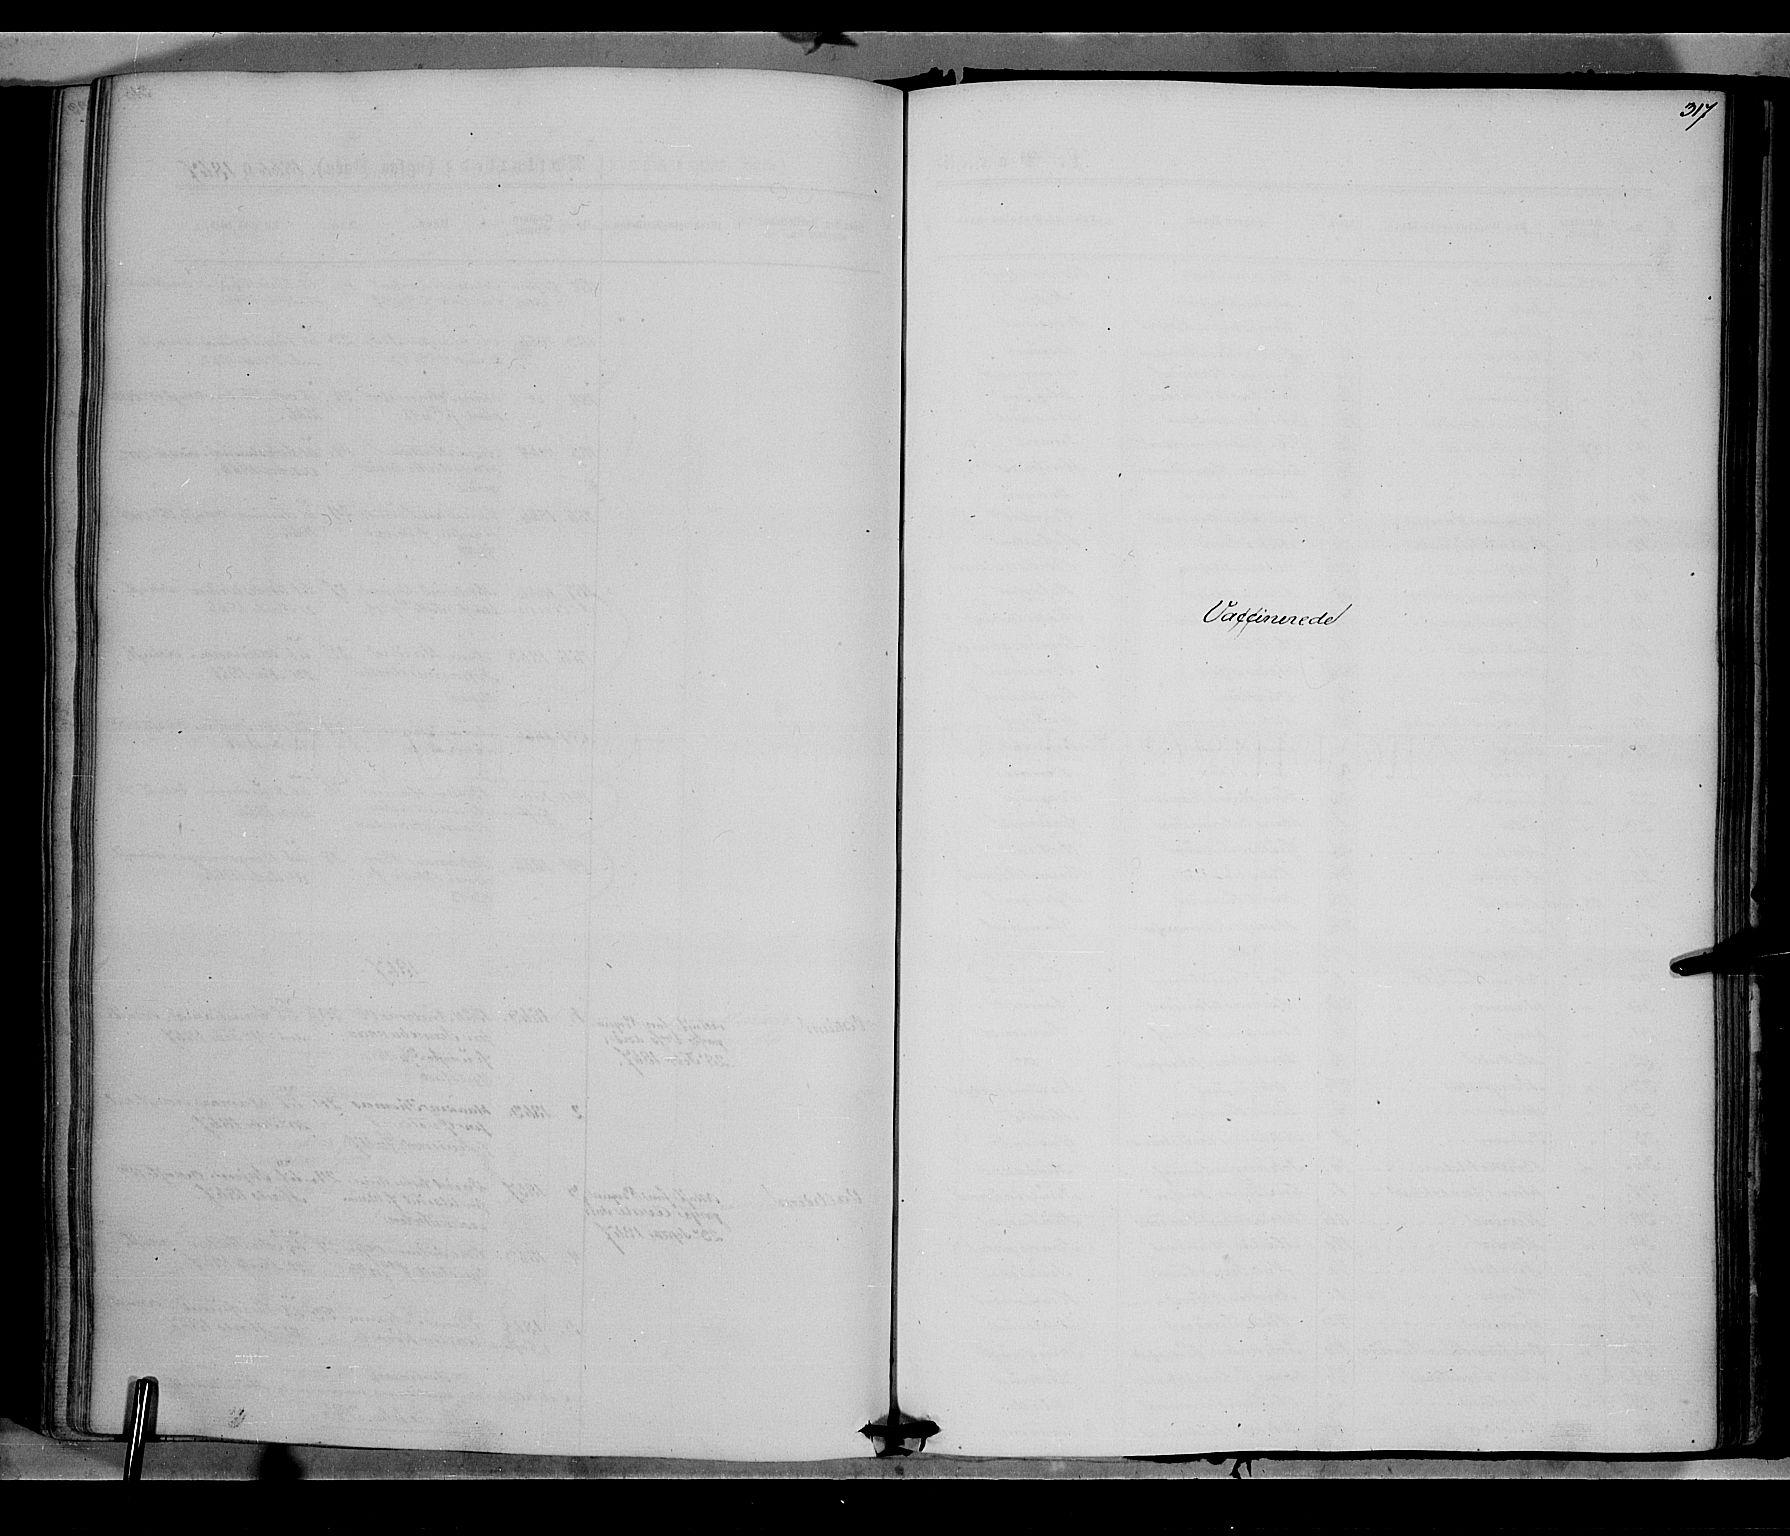 SAH, Vestre Toten prestekontor, Ministerialbok nr. 7, 1862-1869, s. 317